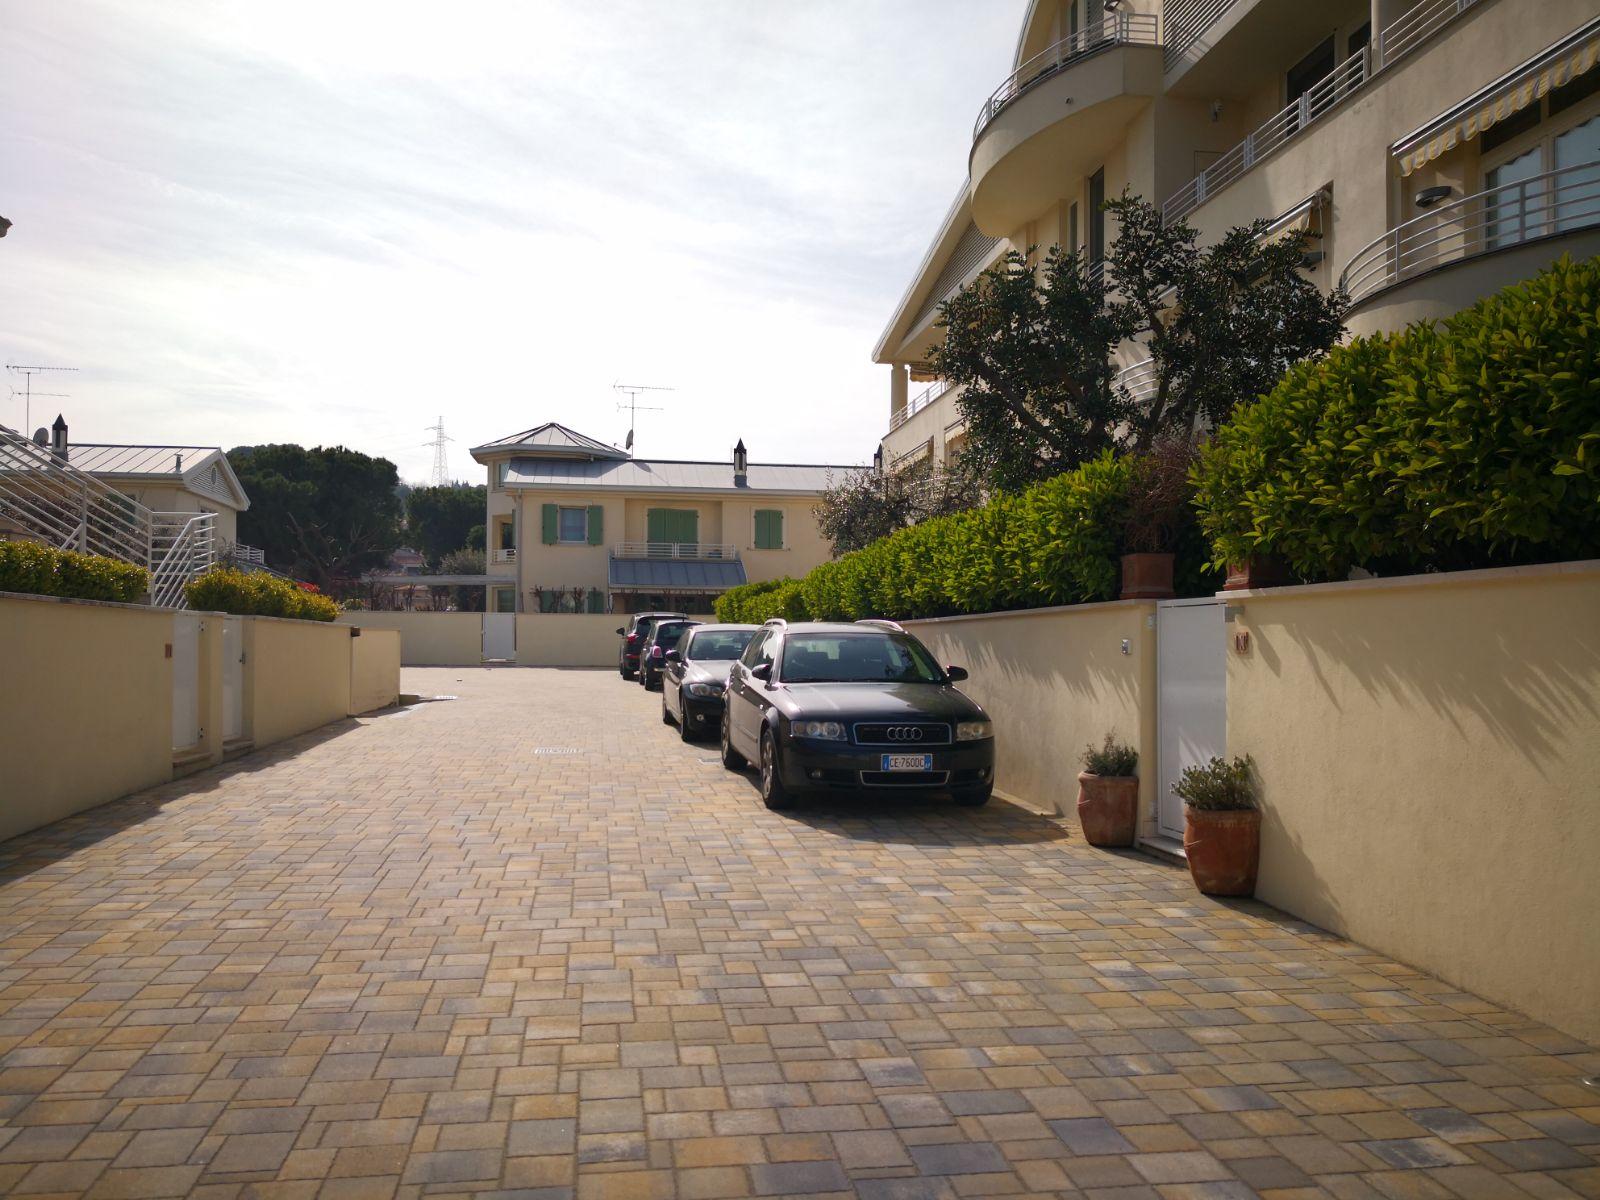 Appartamento in vendita a Porto San Giorgio, 6 locali, zona Località: Mare, prezzo € 357.000 | CambioCasa.it